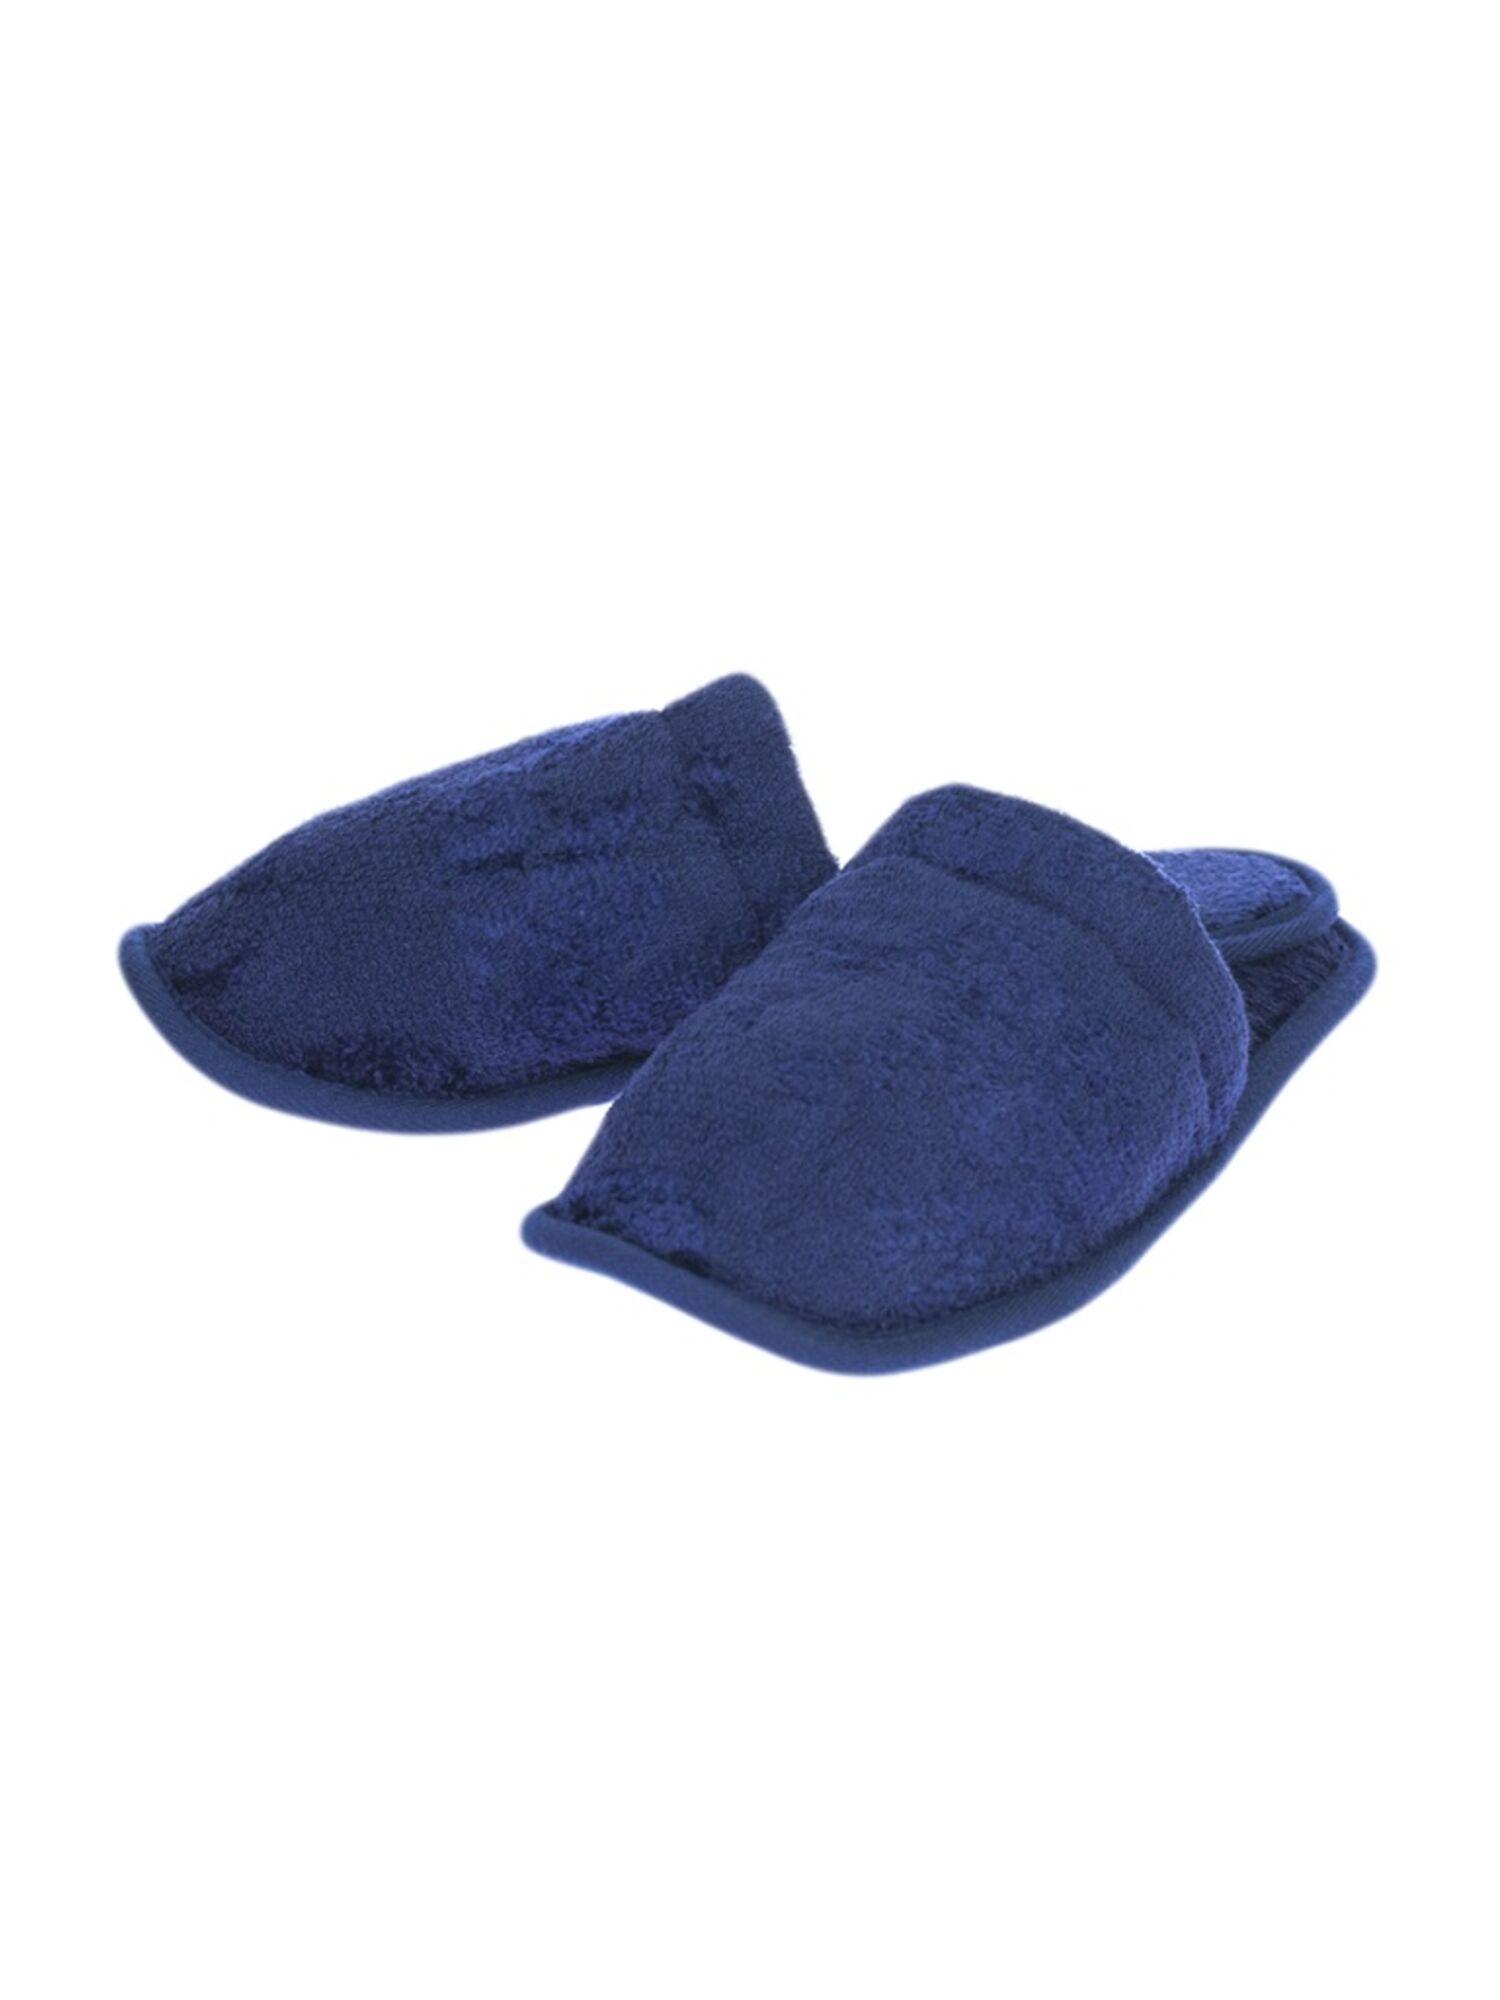 Тапочки Elephant темно-синий, EvaTeks (Россия)